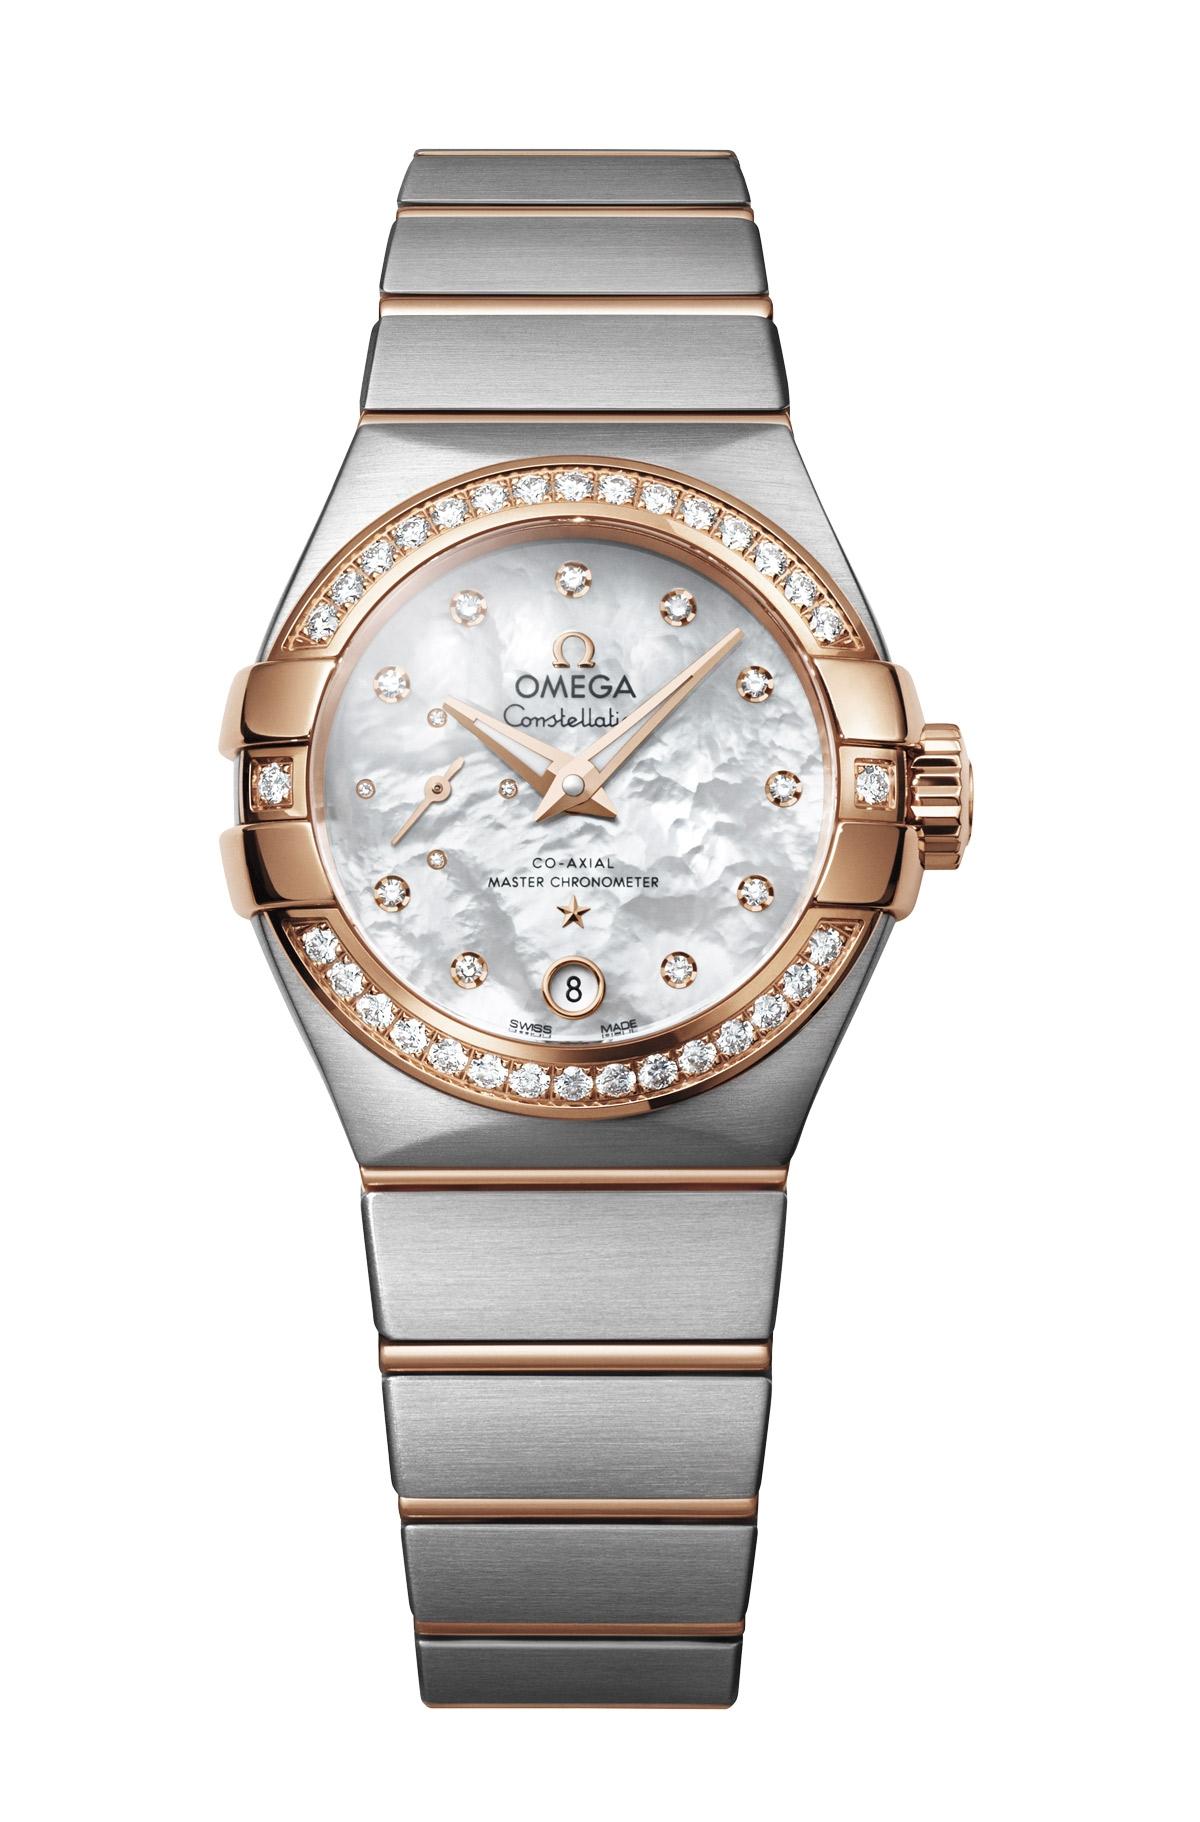 Bộ sưu tập đồng hồ OMEGA